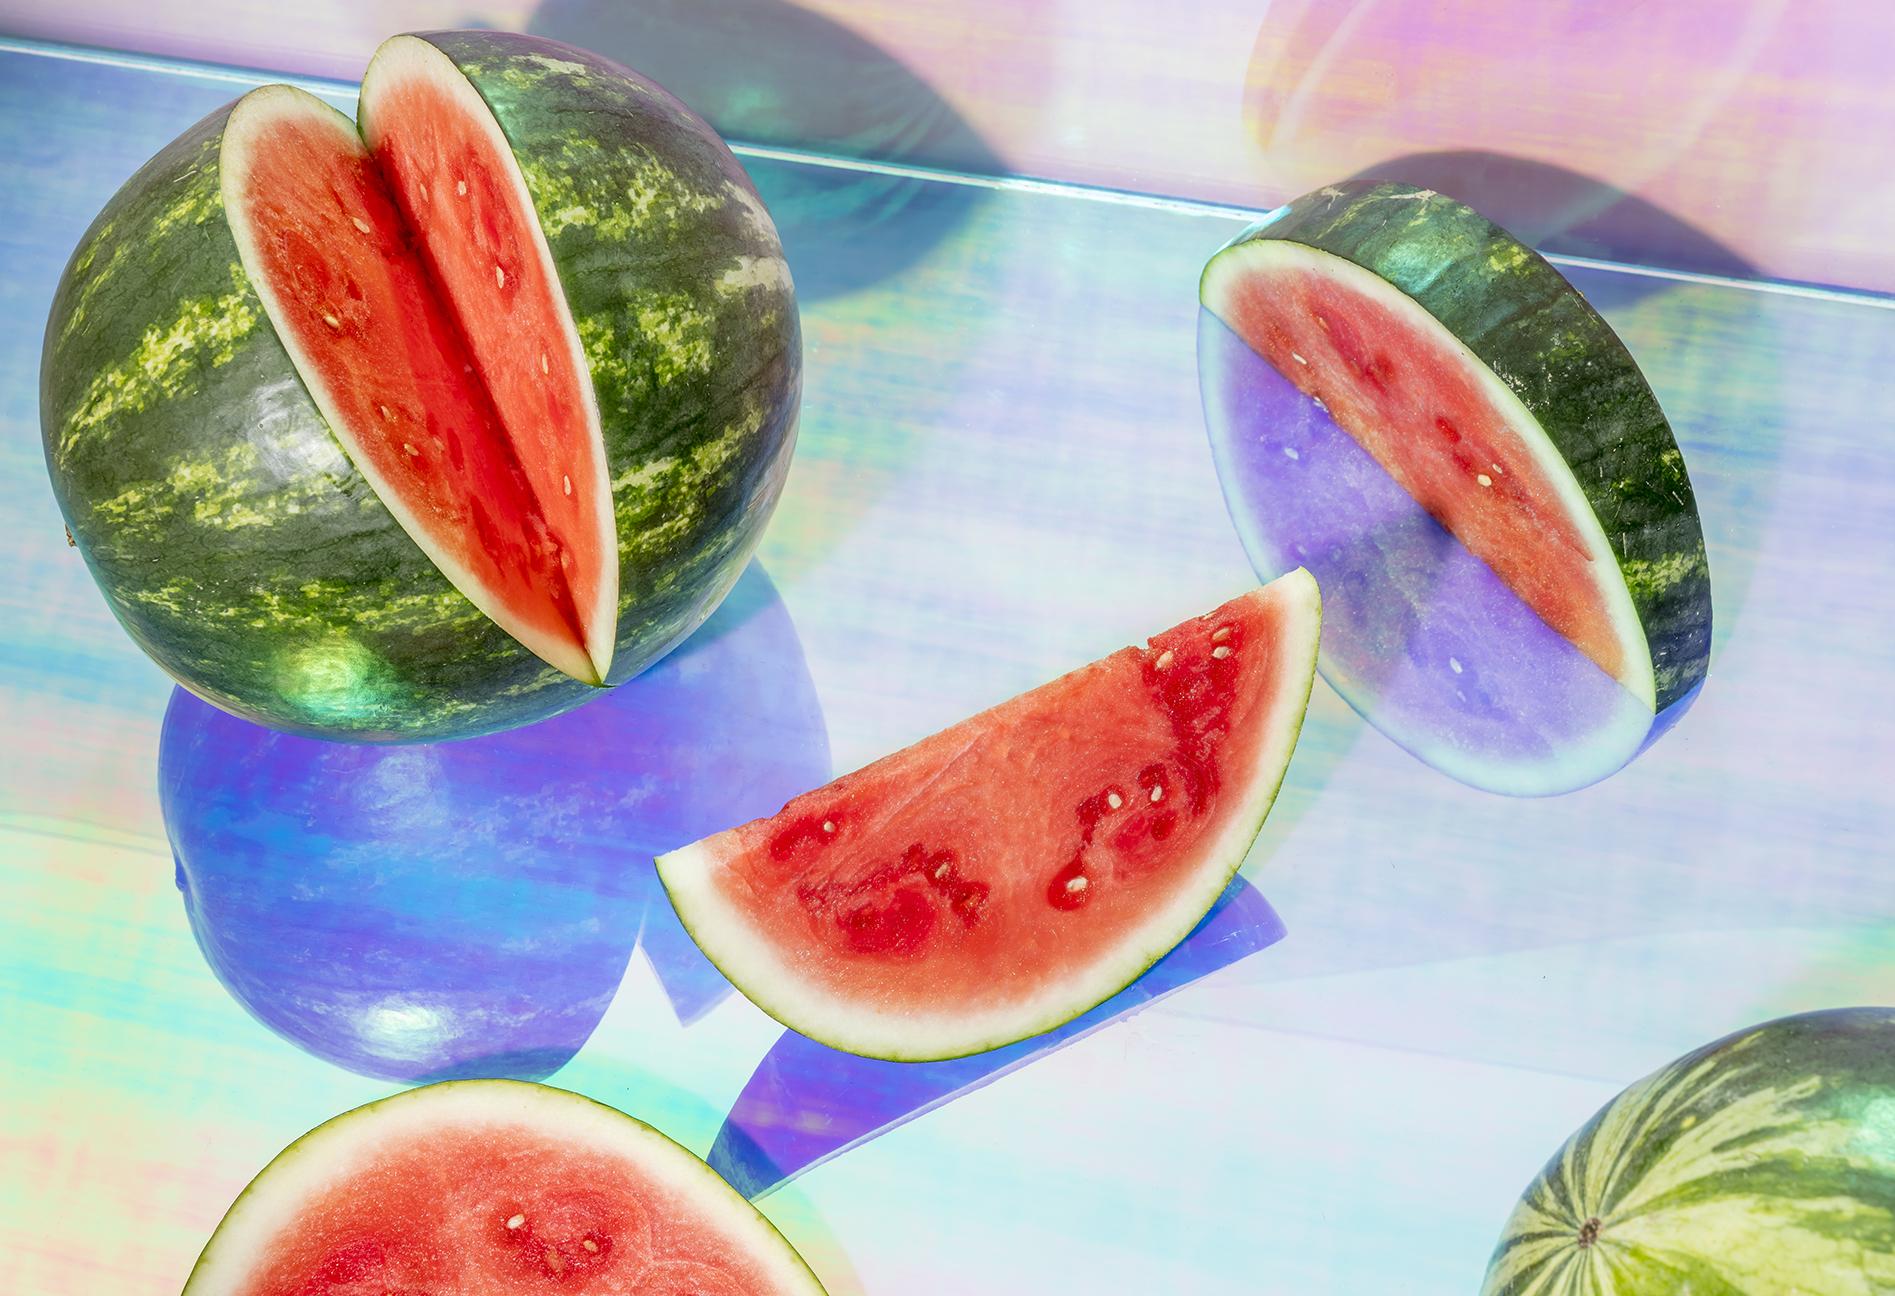 1805_180509_NYT_SummerFoods_Watermelon_021_S.jpg